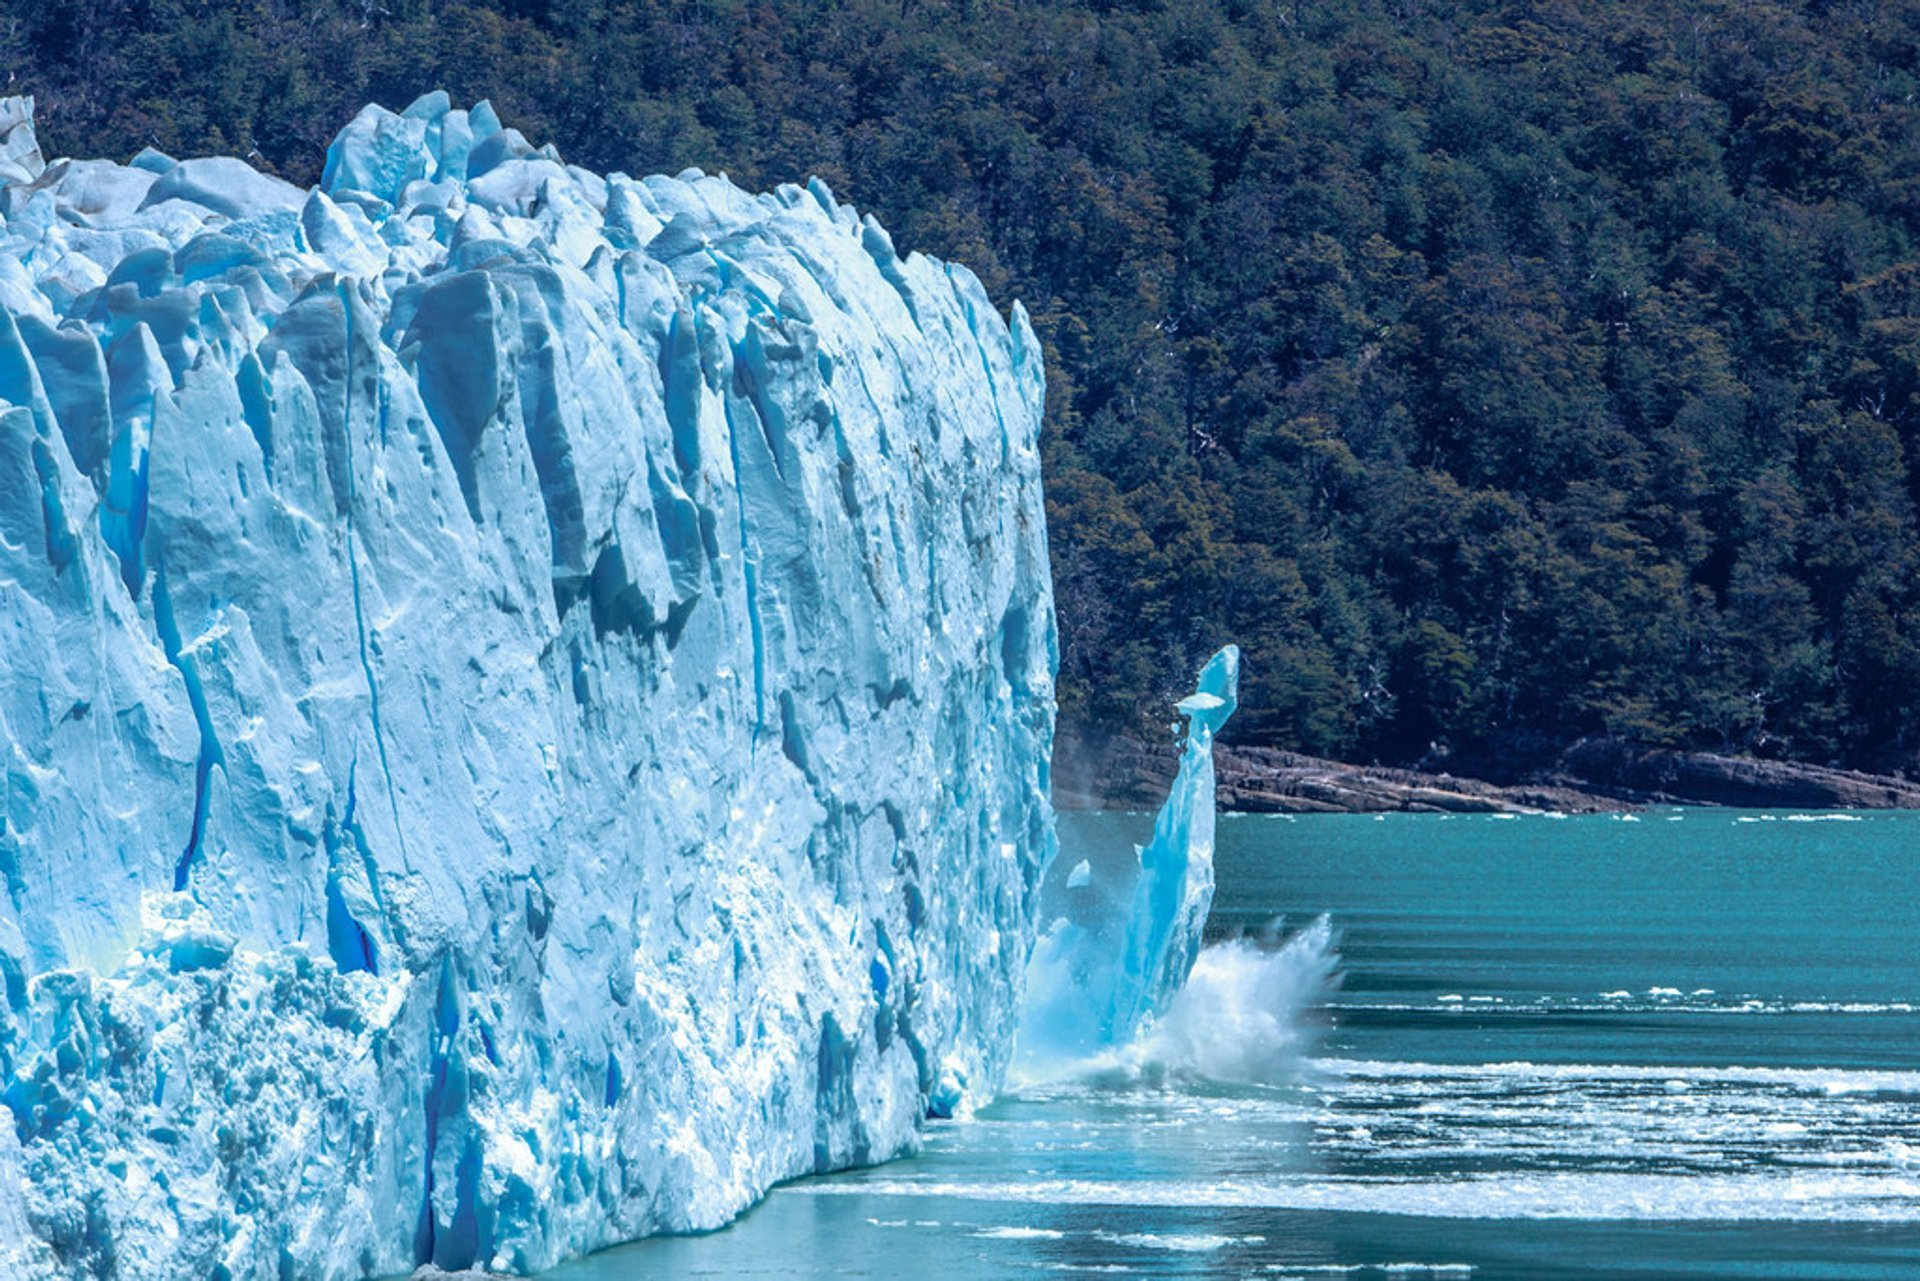 Best time to see Perito Moreno Glacier in Argentina 2020